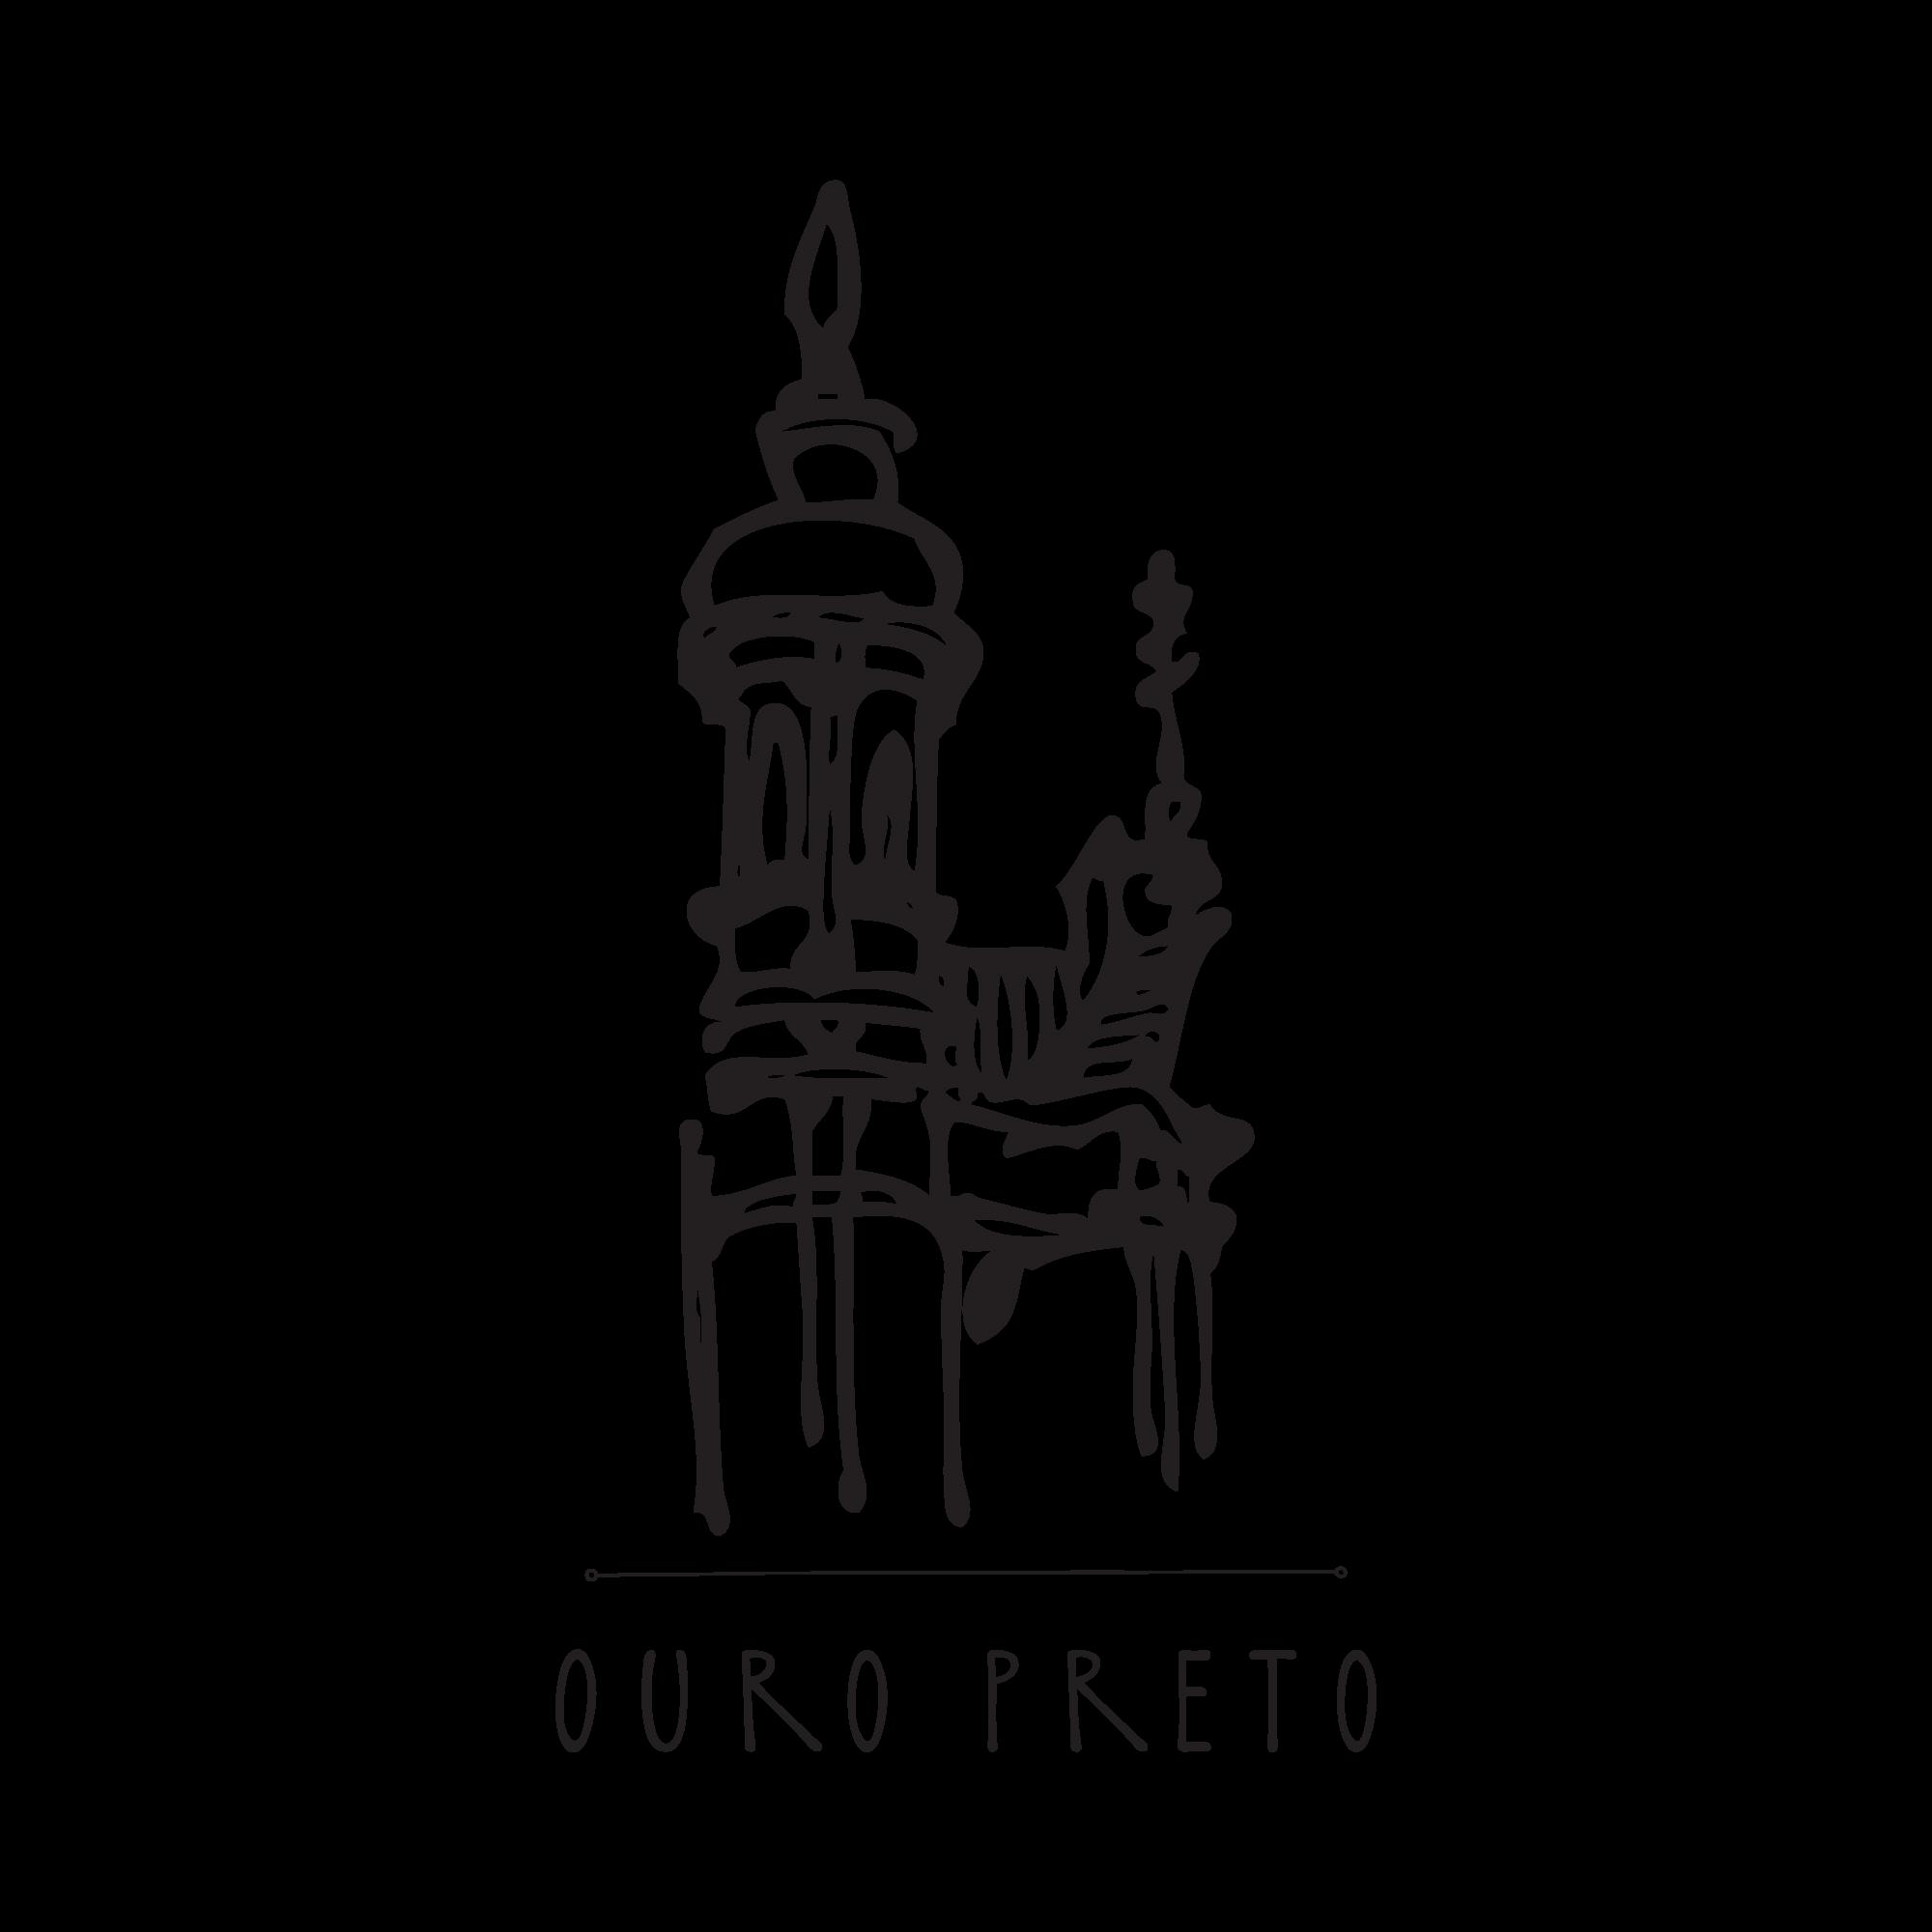 Logotipo Empreendimento Ouro Preto | Apartamentos à venda | Tenda.com.br